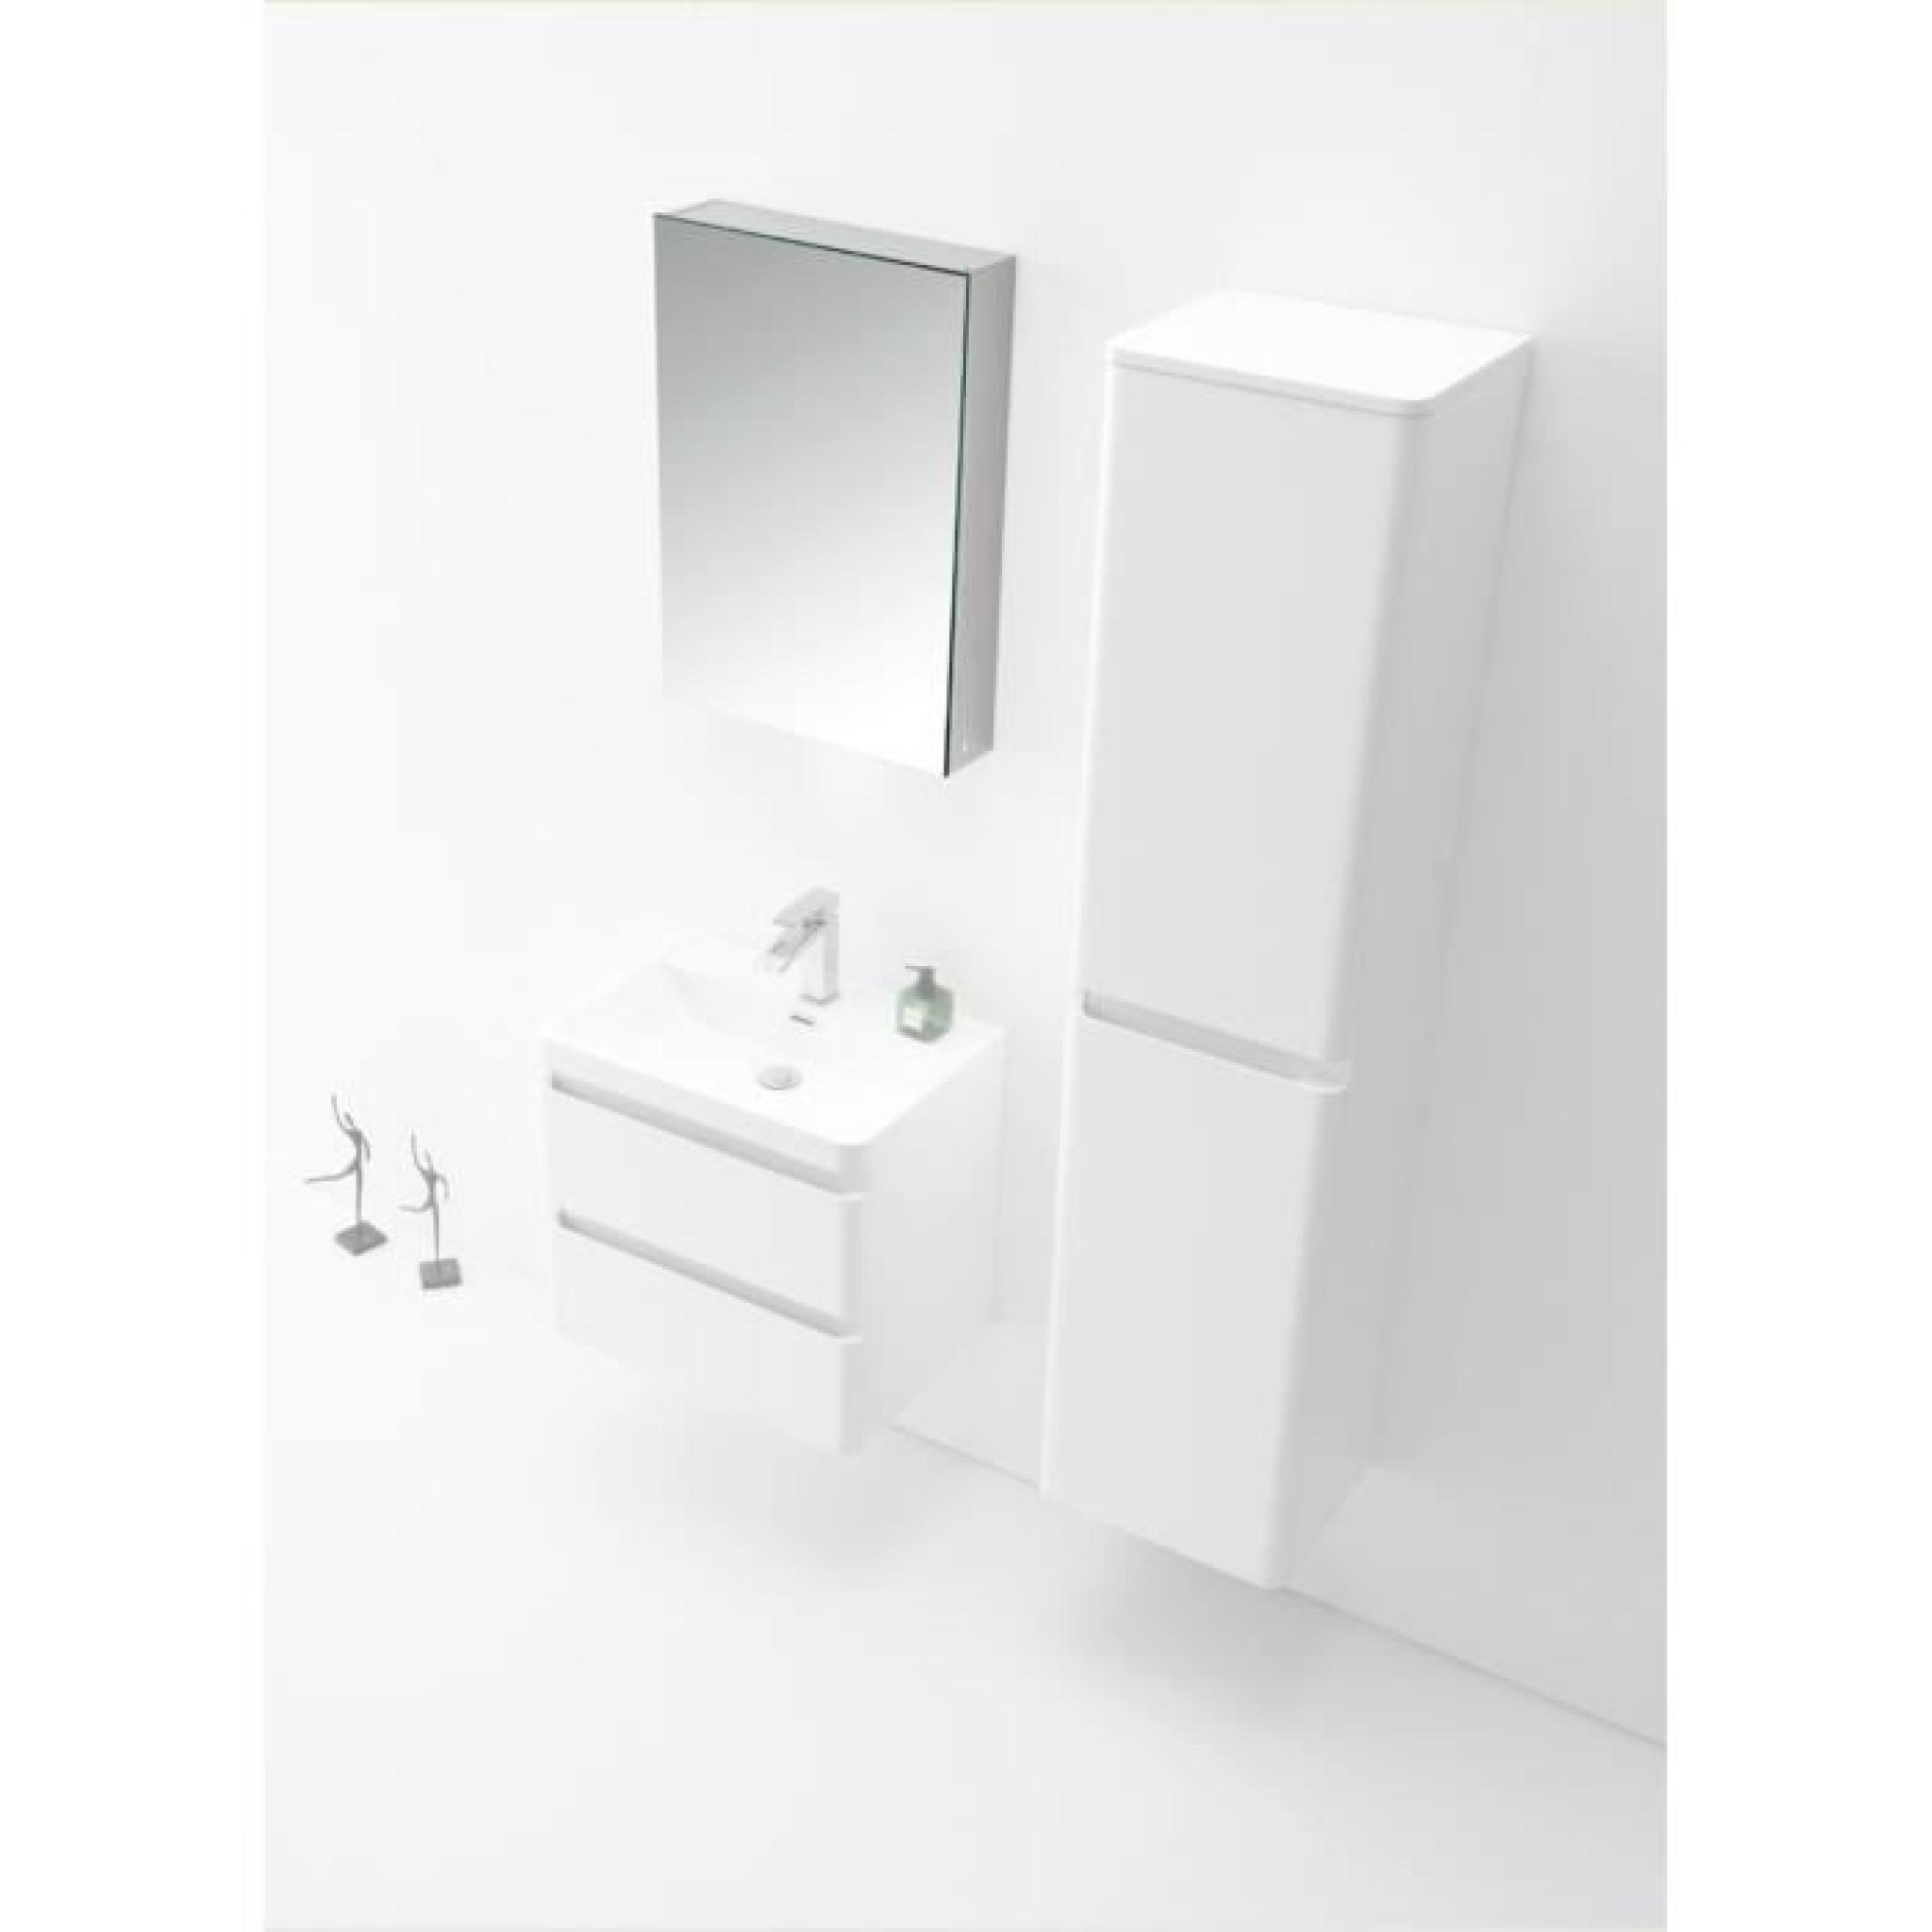 InterougeHome - Armoire Miroir Salle De Bain Lumineux Avec Système  d'Eclairage et Une Prise Secteur Integrée Coloris Blanc – 2 Ha...